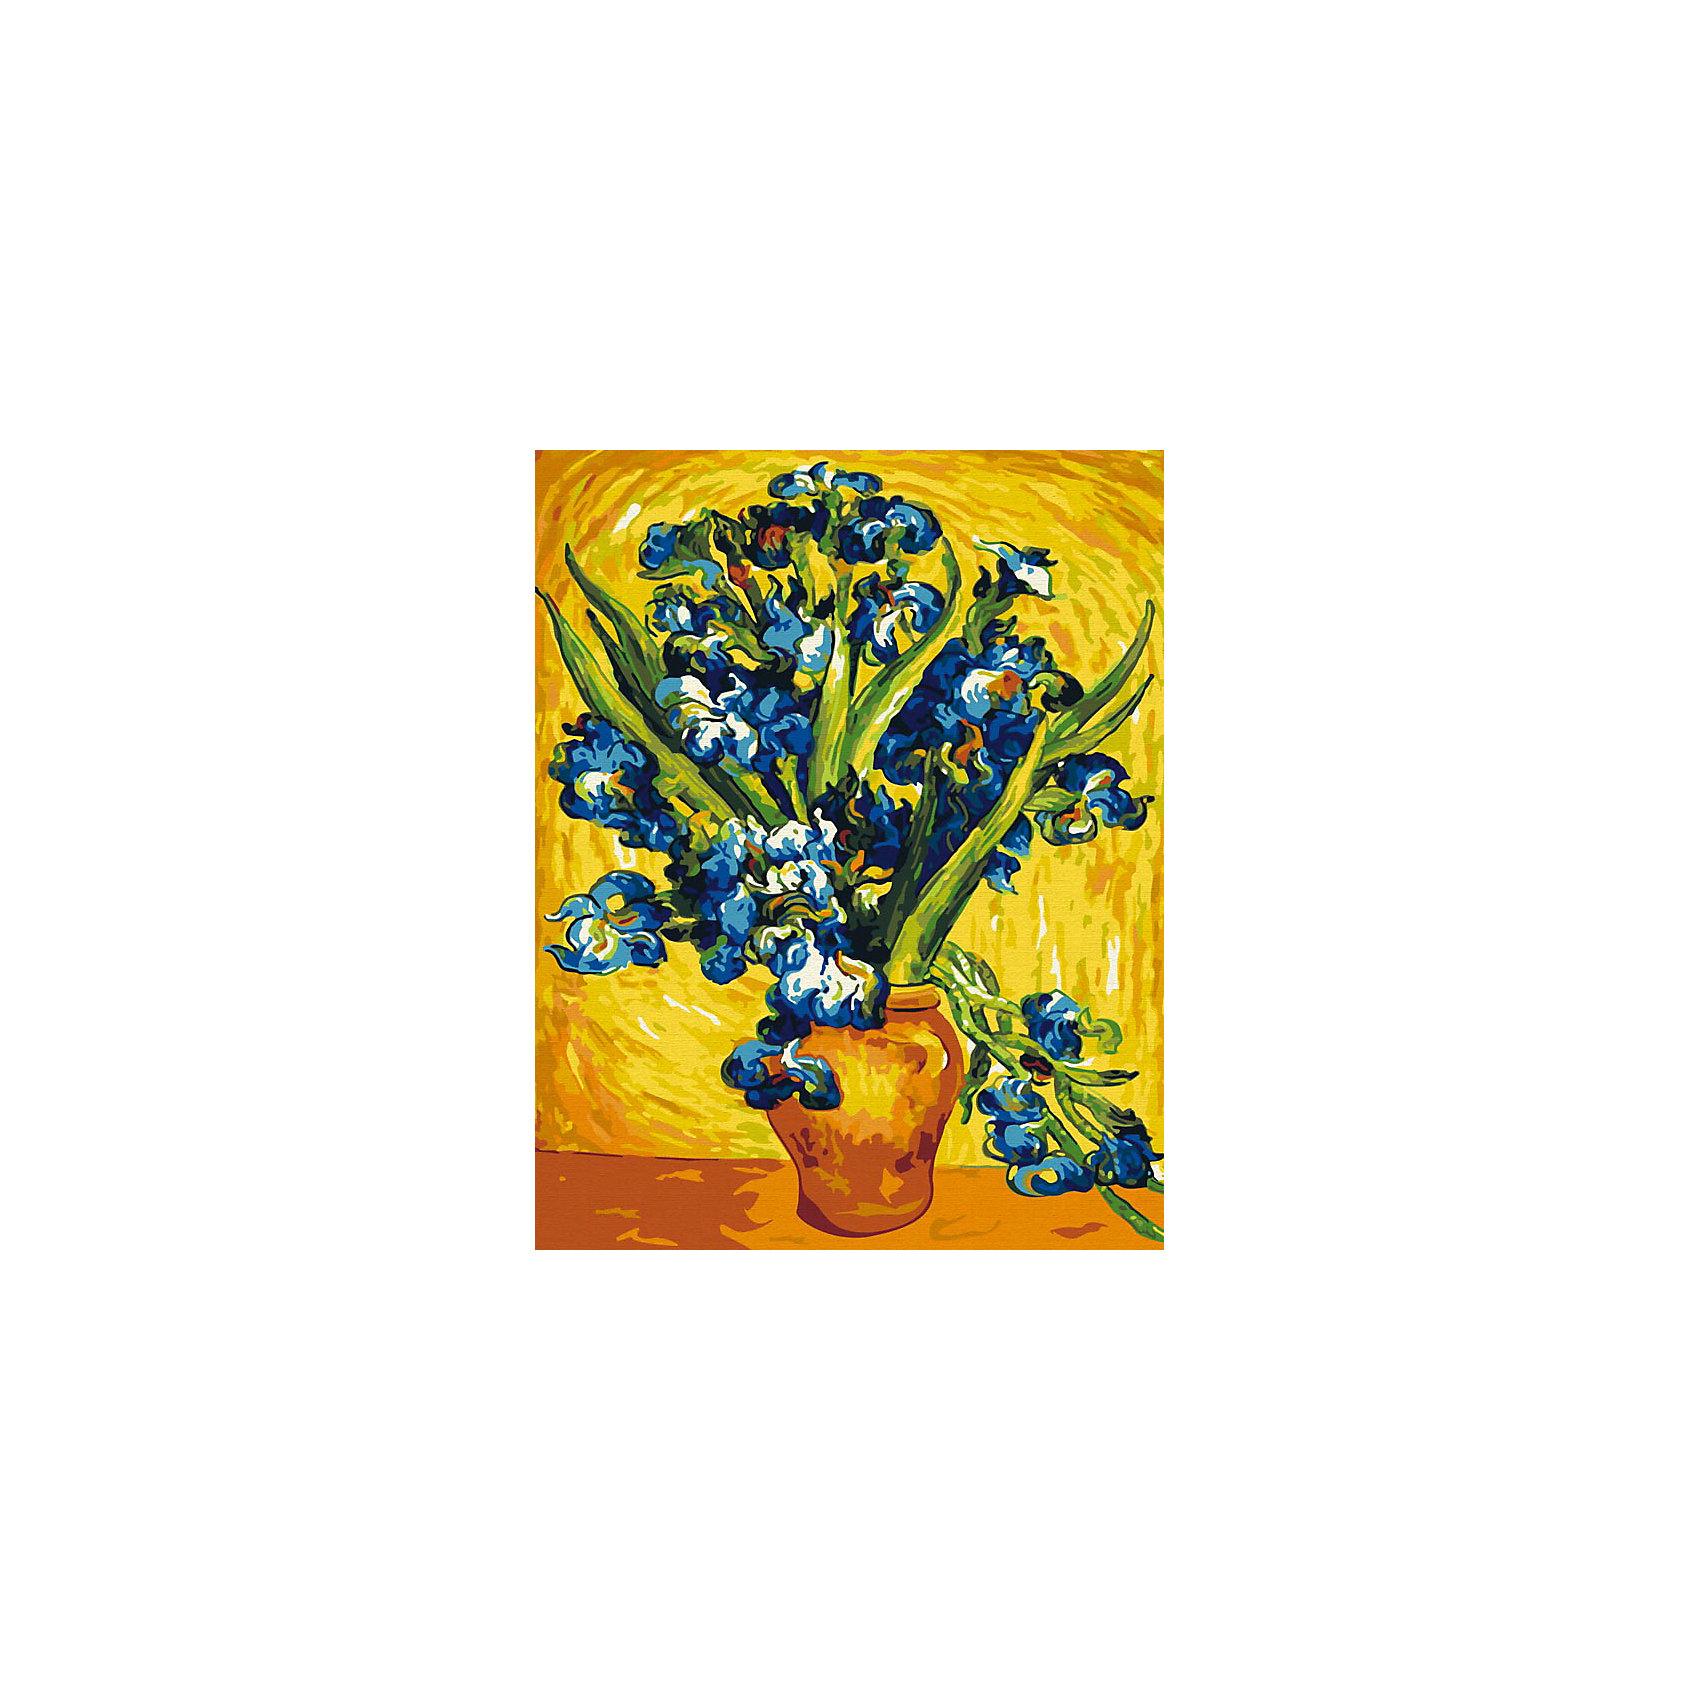 Живопись на холсте Ирисы Ван Гог, 40*50 смРисование<br>Живопись на холсте Ирисы Ван Гог, 40*50 см<br><br>Характеристики:<br><br>• Вес: 567<br>• Размер: 40х50<br>• Краски: акриловые, быстросохнущие<br>• Количество цветов: 23<br>• В наборе: холст на подрамнике, настенное крепление, контрольный лист с рисунком, 23 краски, 3 кисти<br><br>Данный набор позволит любому человеку ощутить себя профессиональным художником. В комплект входит холст с нанесенным на него рисунком по номерам, акриловые краски на водной основе, специальный контрольный лист, предотвращающий ошибки и 3 удобные кисти разных размеров. <br><br>Рисовать на холсте очень удобно, а благодаря номерам на картине и баночках с краской - это совсем просто. Цвета ложатся ровным слоем, перекрывая нанесенный рисунок. Если вы боитесь, что где-то ошиблись – приложите контрольный лист, который полностью повторяет схему. Акриловые краски совершенно безопасны и не имеют запаха. А благодаря настенному креплению вы сможете повесить готовую работу.<br><br><br>Живопись на холсте Ирисы Ван Гог, 40*50 см можно купить в нашем интернет-магазине.<br><br>Ширина мм: 510<br>Глубина мм: 410<br>Высота мм: 250<br>Вес г: 567<br>Возраст от месяцев: 72<br>Возраст до месяцев: 2147483647<br>Пол: Унисекс<br>Возраст: Детский<br>SKU: 5500373